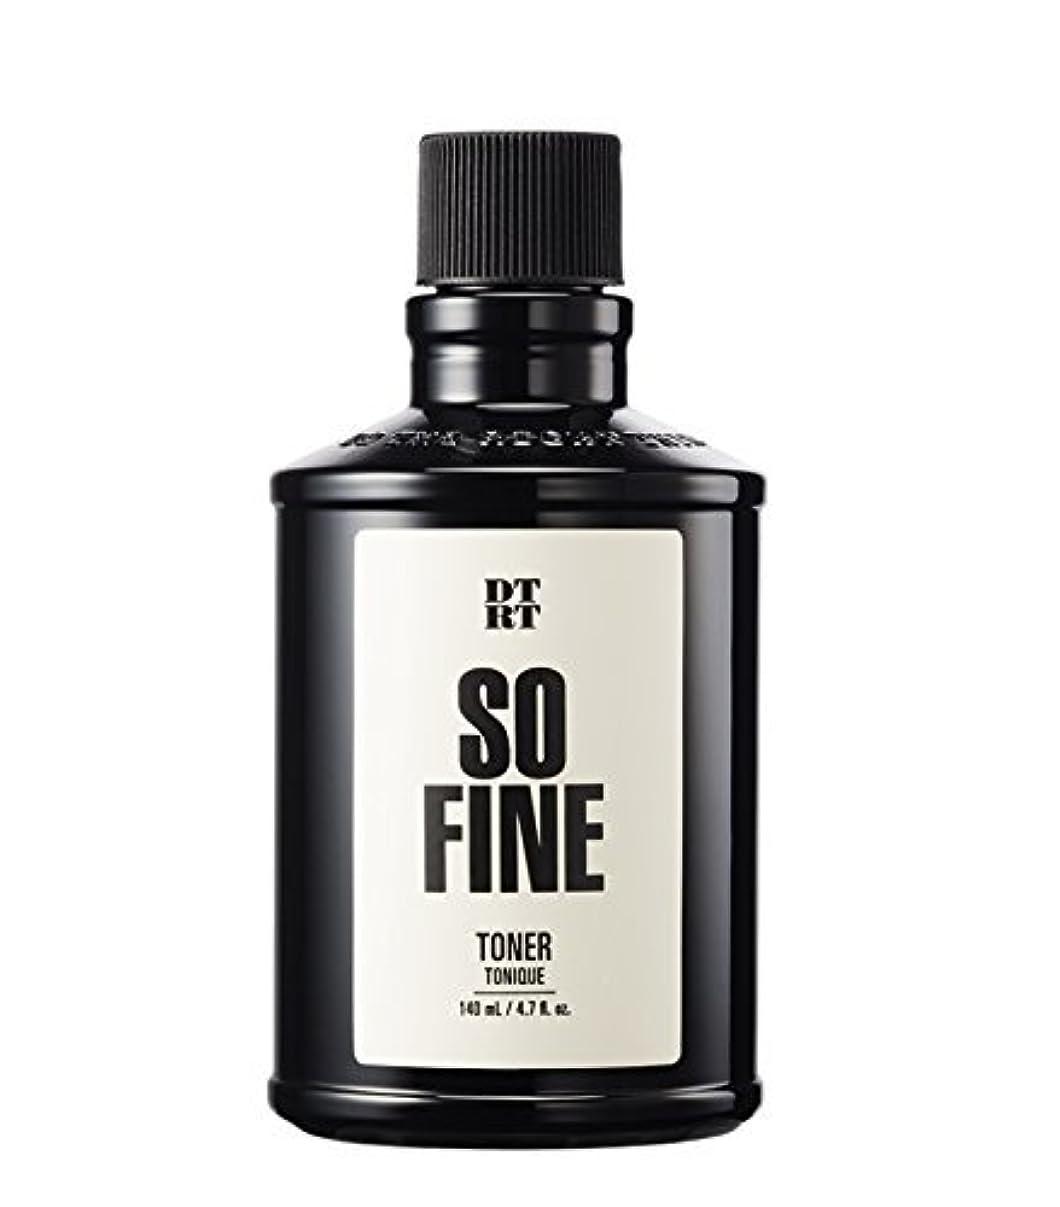 かまどわかりやすい仲良しDTRT トナーソファイン140ml For men / DTRT So Fine Toner / Korea Cosmetic